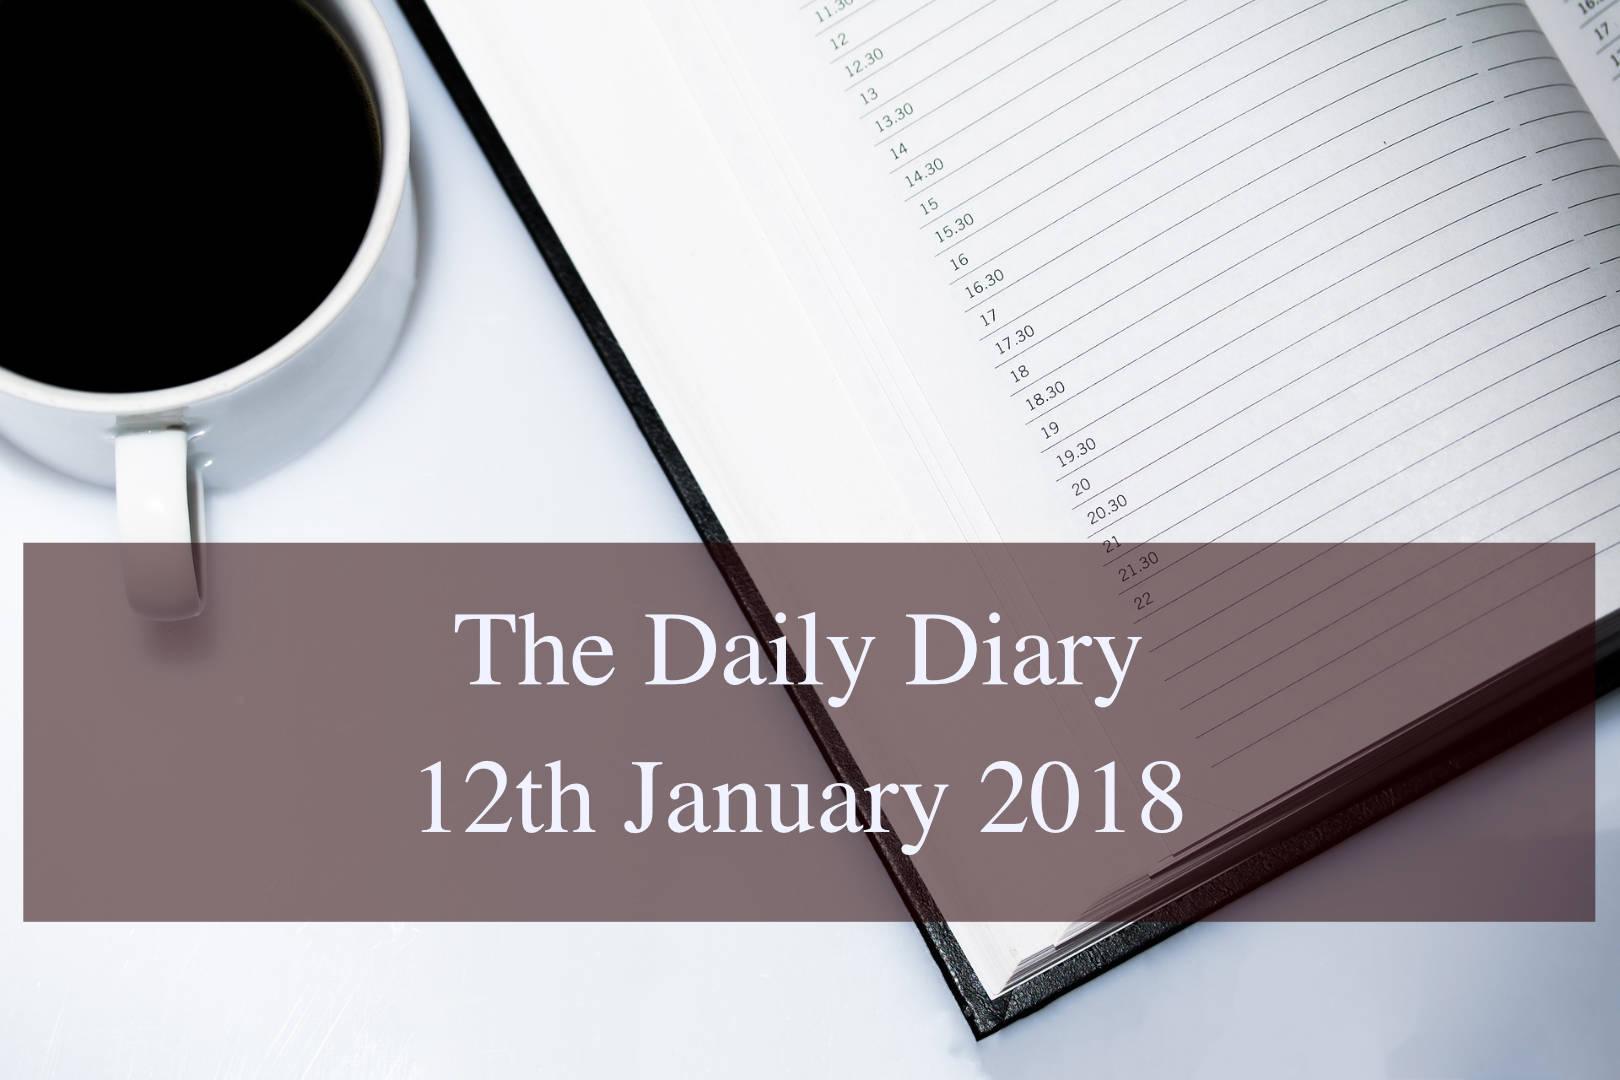 Daily Diary – 12th January 2018